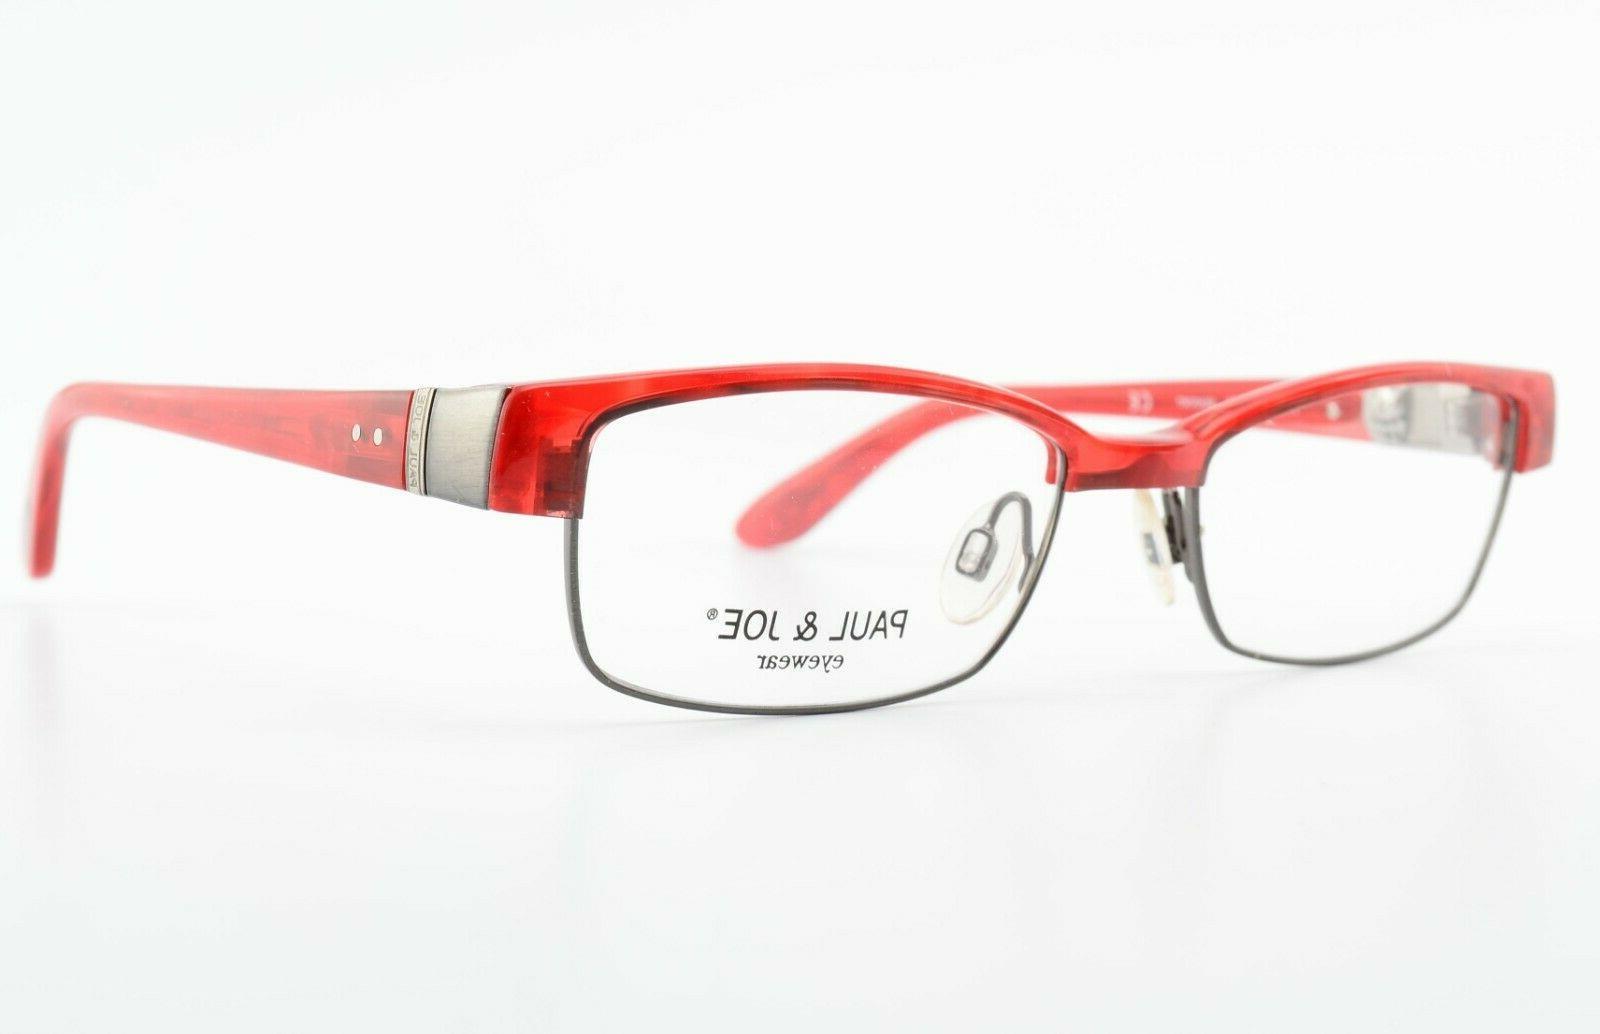 paul and joe eyewear glasses sagesse 11